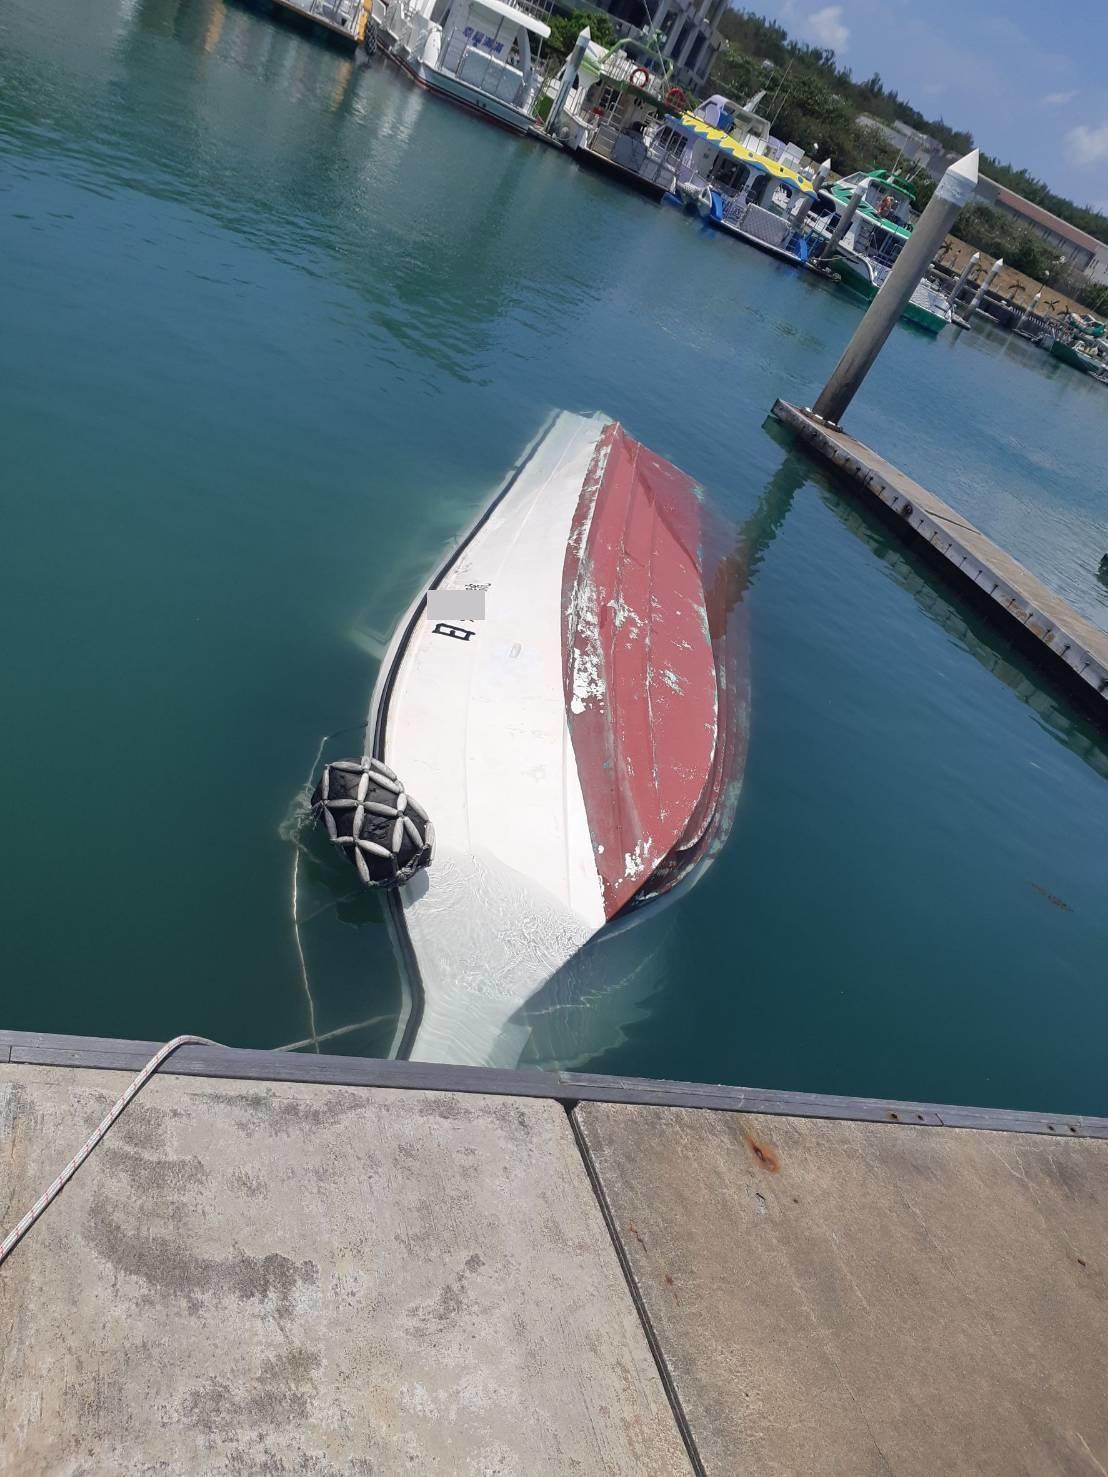 娛樂船在東部外海翻覆,上面竟藏有2、3級毒品。(海巡署提供)